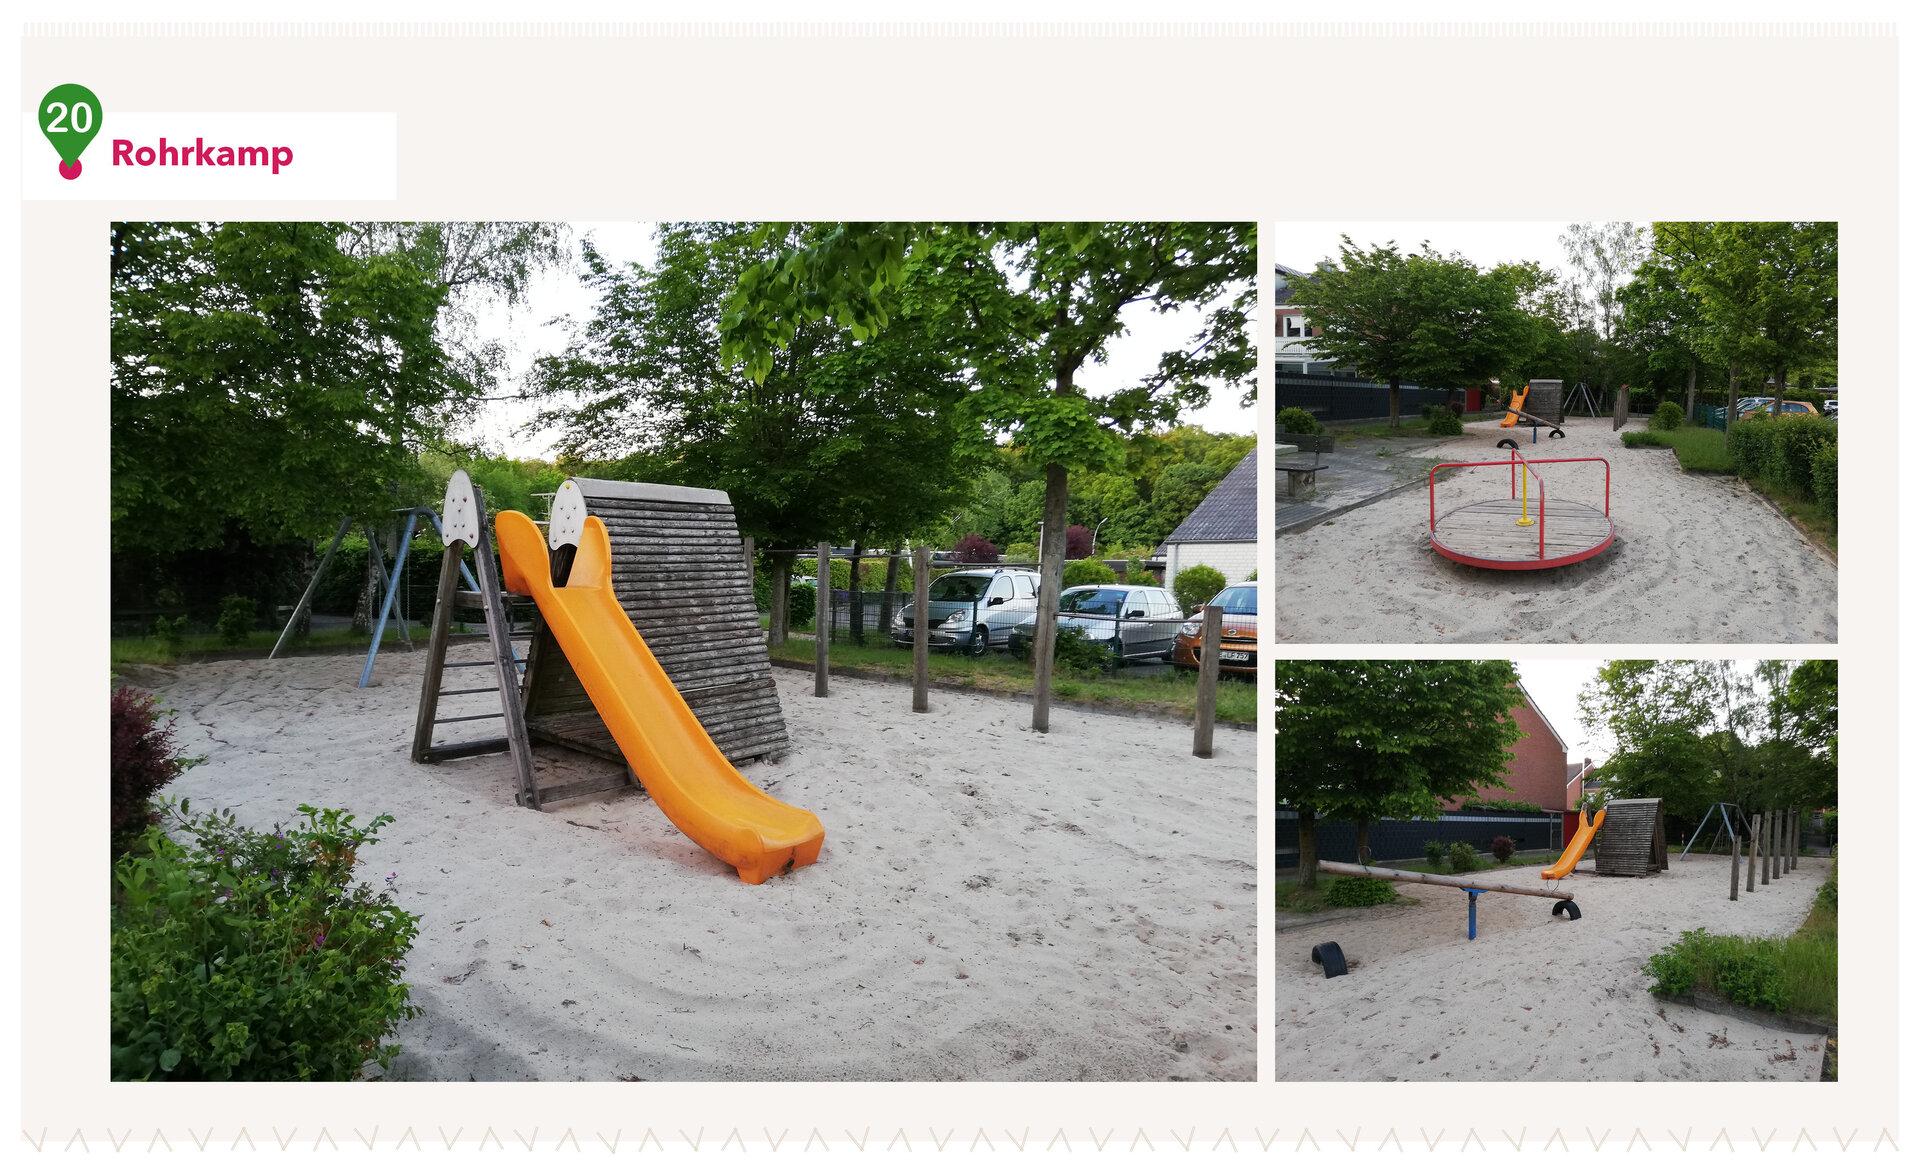 Spielplatz Rohrkamp